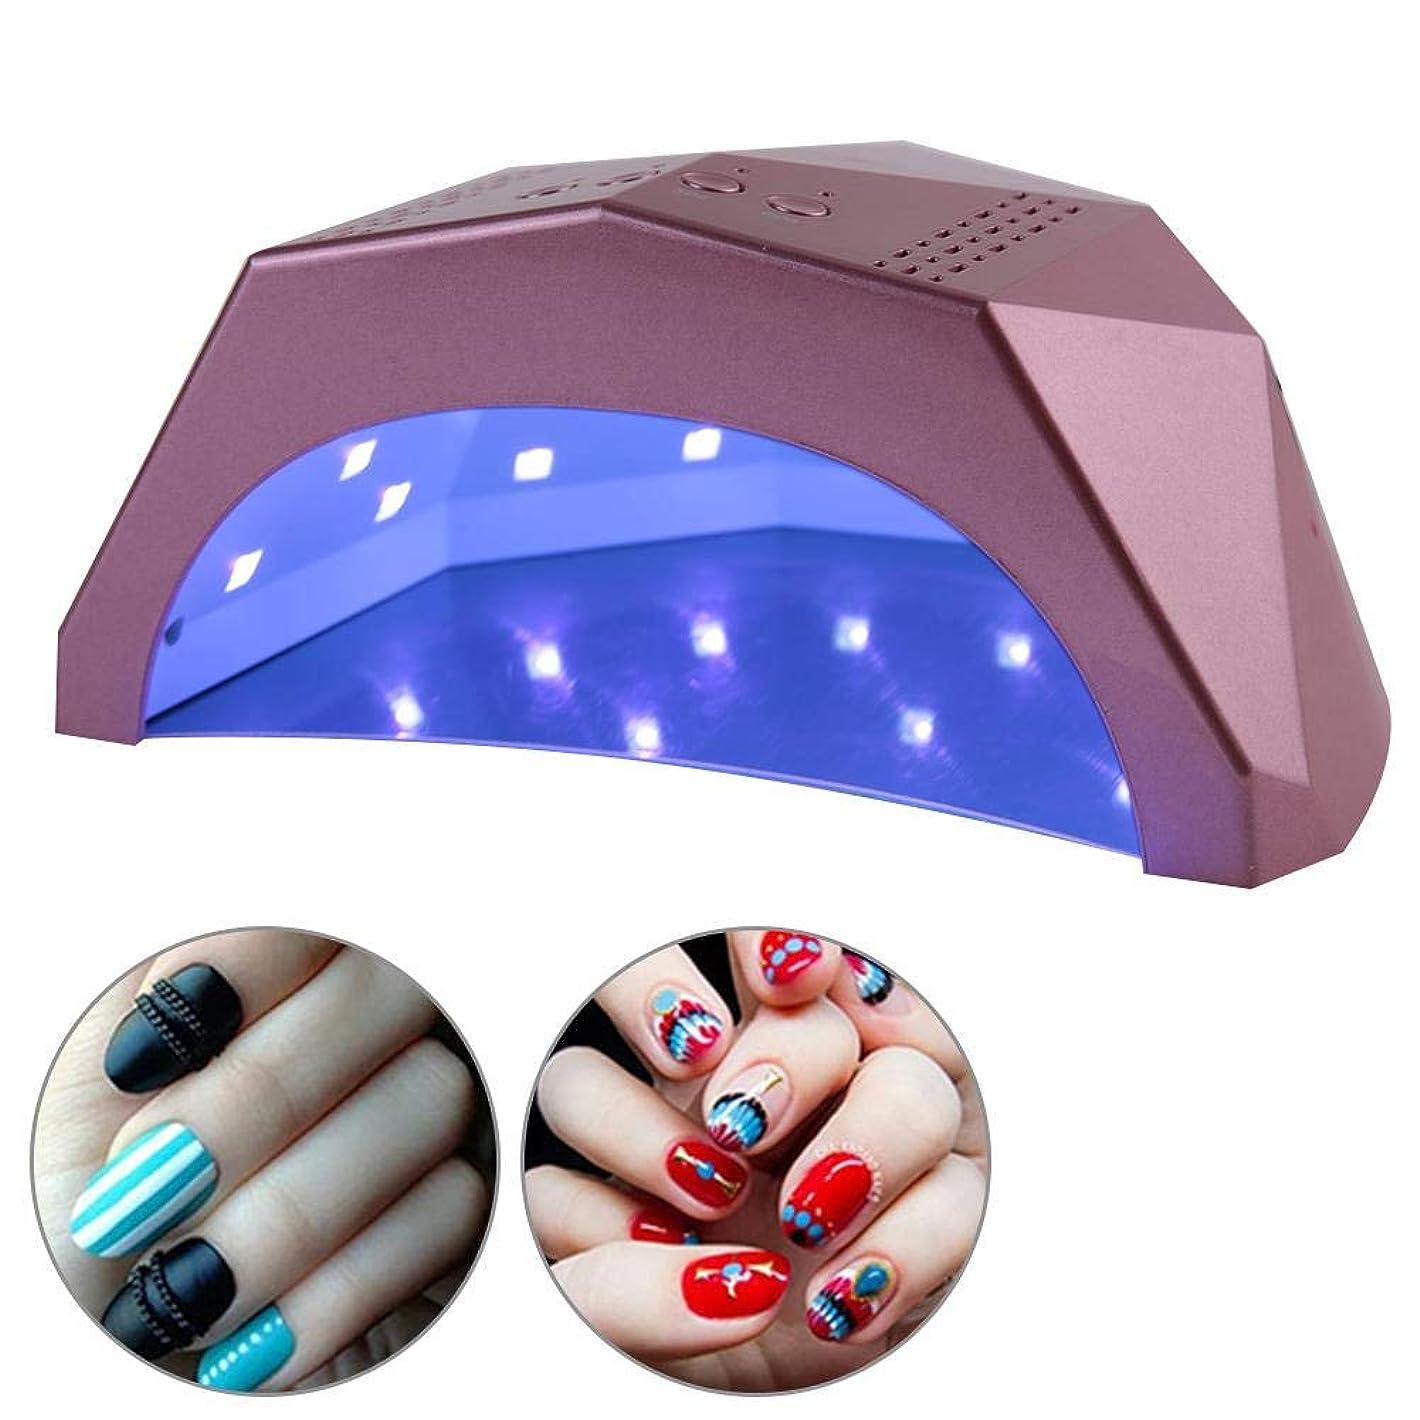 落ち着く一節コンピューターを使用する24W/48W 切り替え可能ネイルドライヤー 30個LEDライト 自動センサー 3つのタイマー付き UV LED ネイルランプ(01)